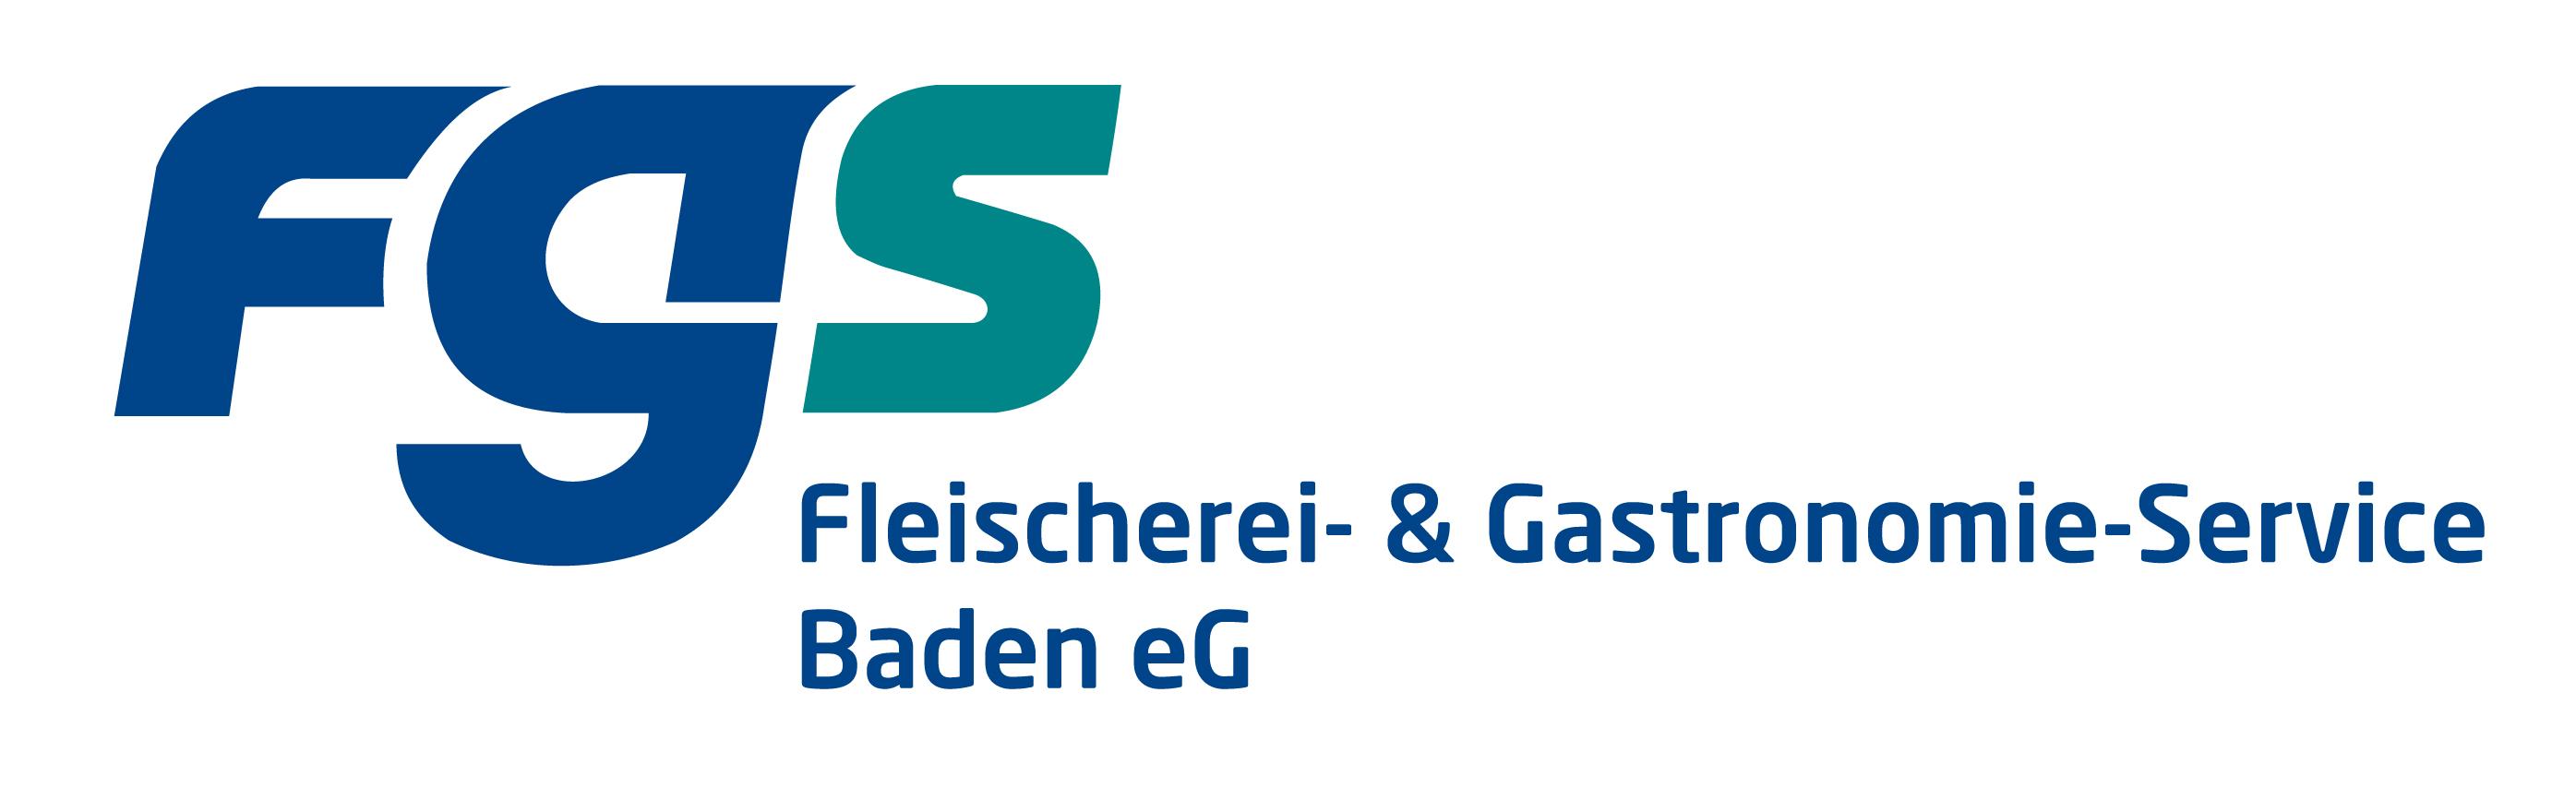 FGS logo_fgs_baden